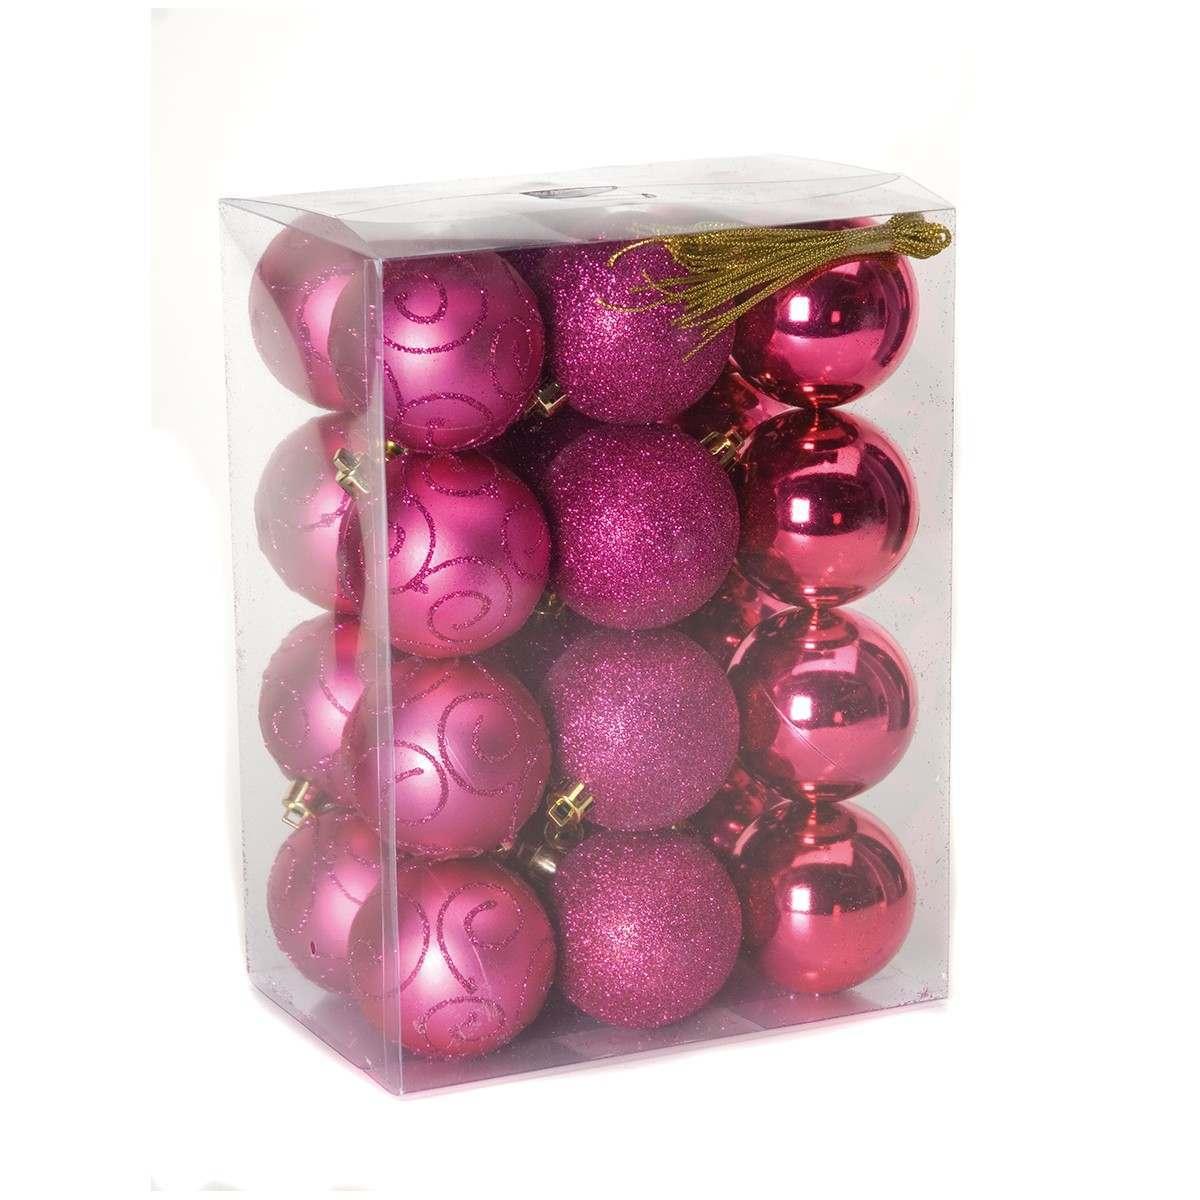 24 x 60mm Assorted Matt Glitter Shiny Flash Pink Shatterproof Baubles